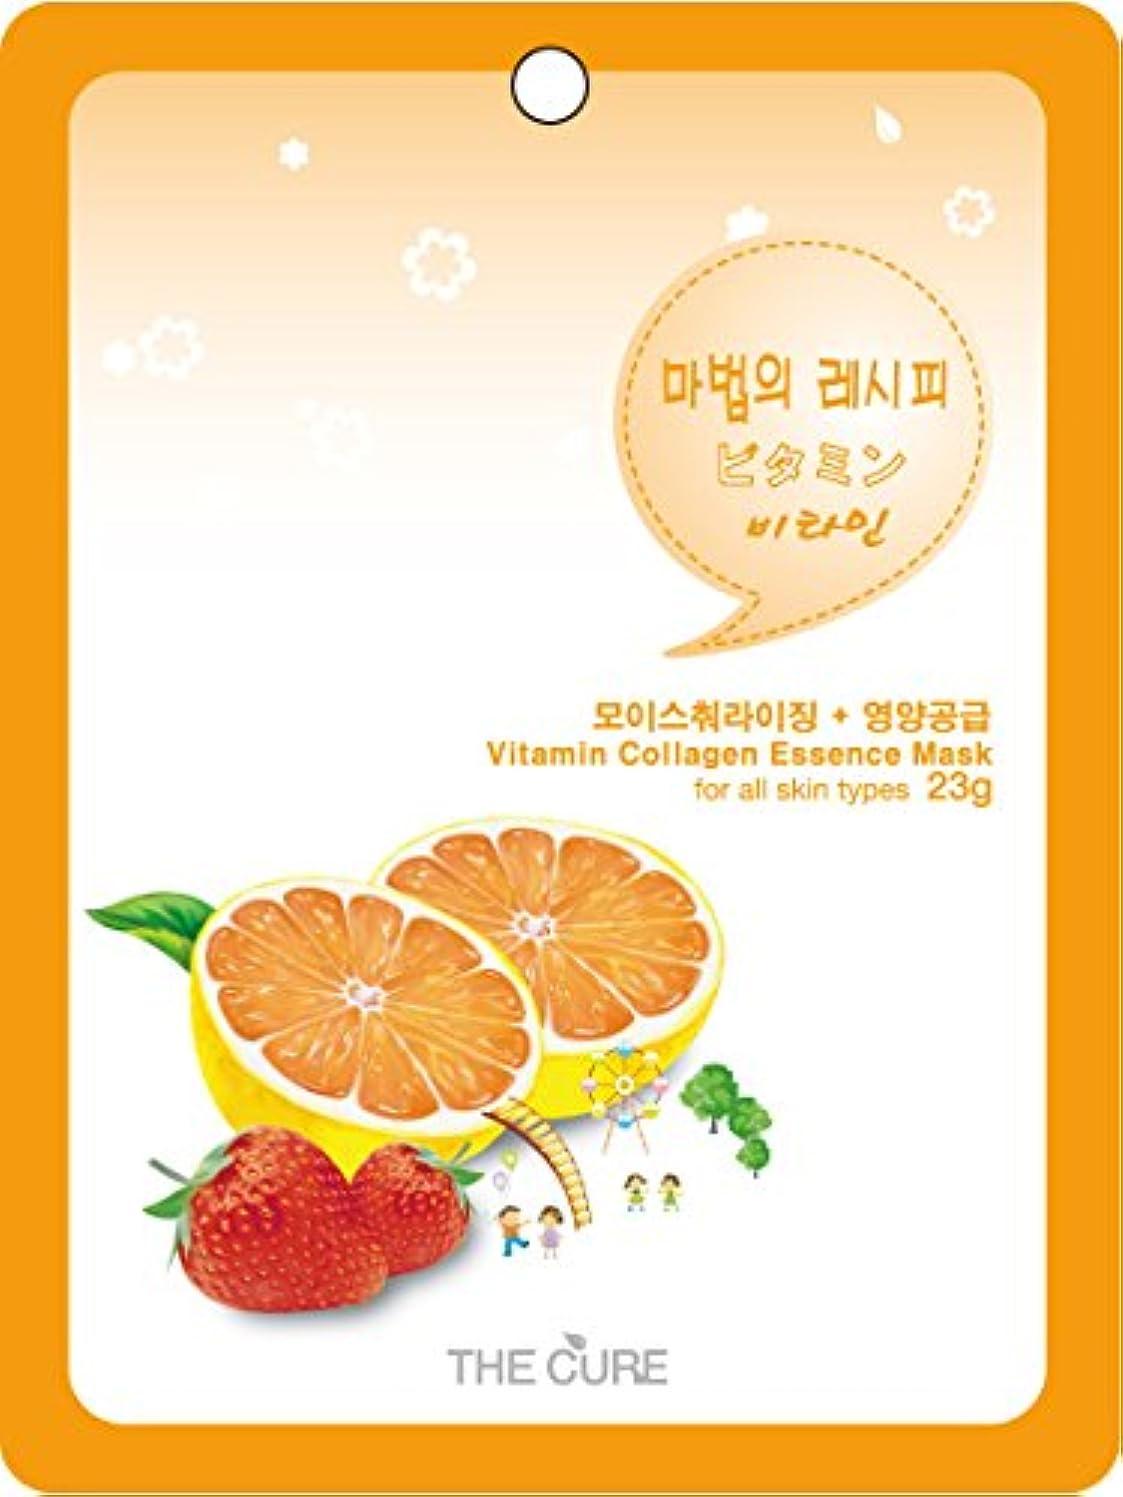 噛むパワー売るビタミン コラーゲン エッセンス マスク THE CURE シート パック 100枚セット 韓国 コスメ 乾燥肌 オイリー肌 混合肌